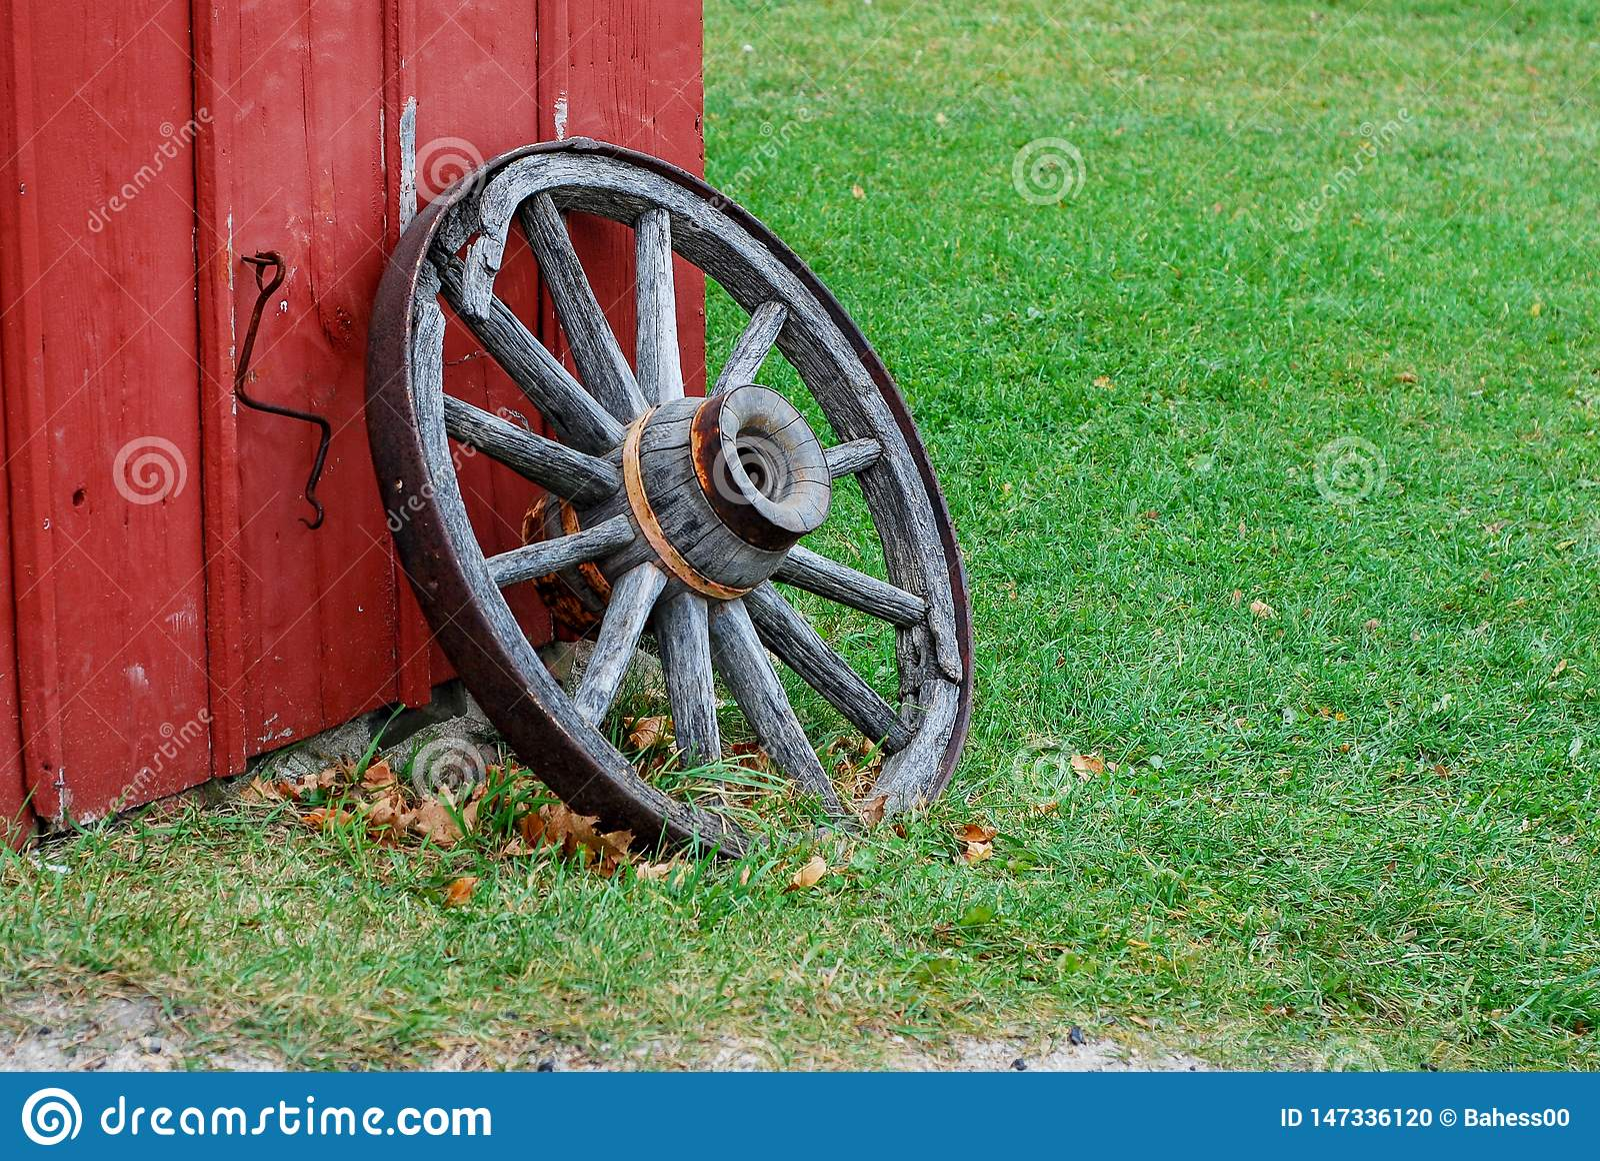 Vintage Wagon Wheel Stock Photo